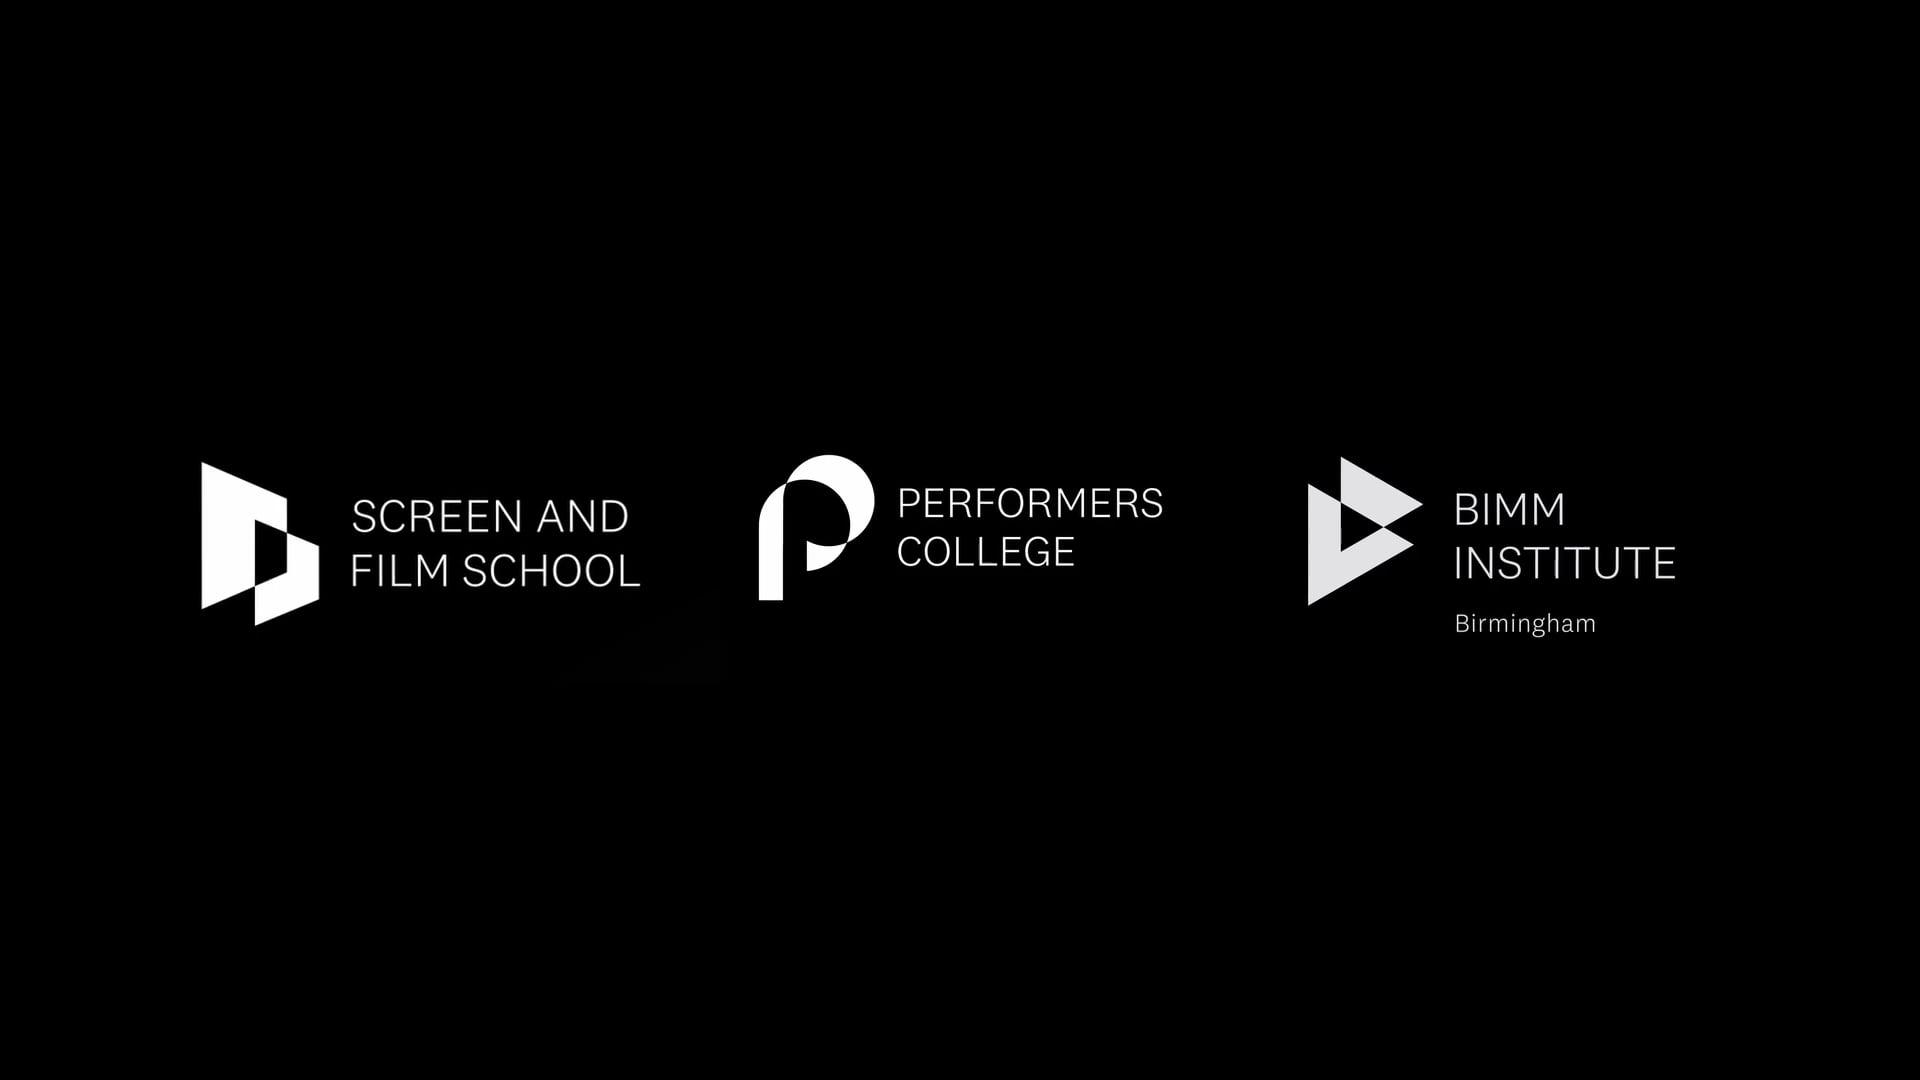 Screen & Film School - Performers College - BIMM